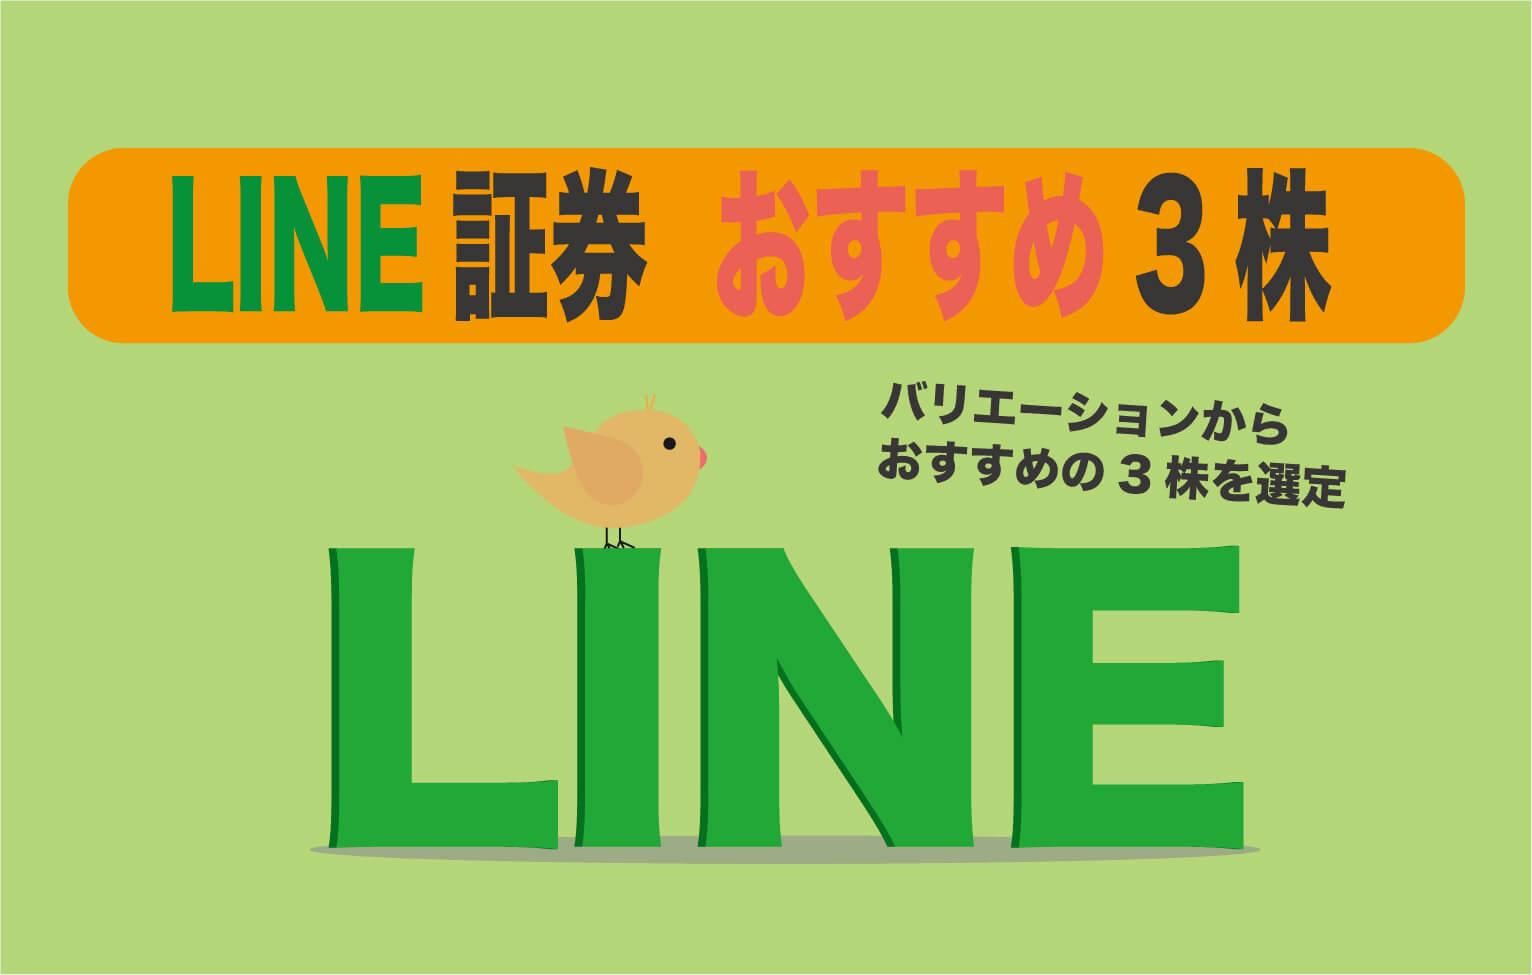 LINE証券の初株チャンスキャンペーンで貰うおすすめの3株は?